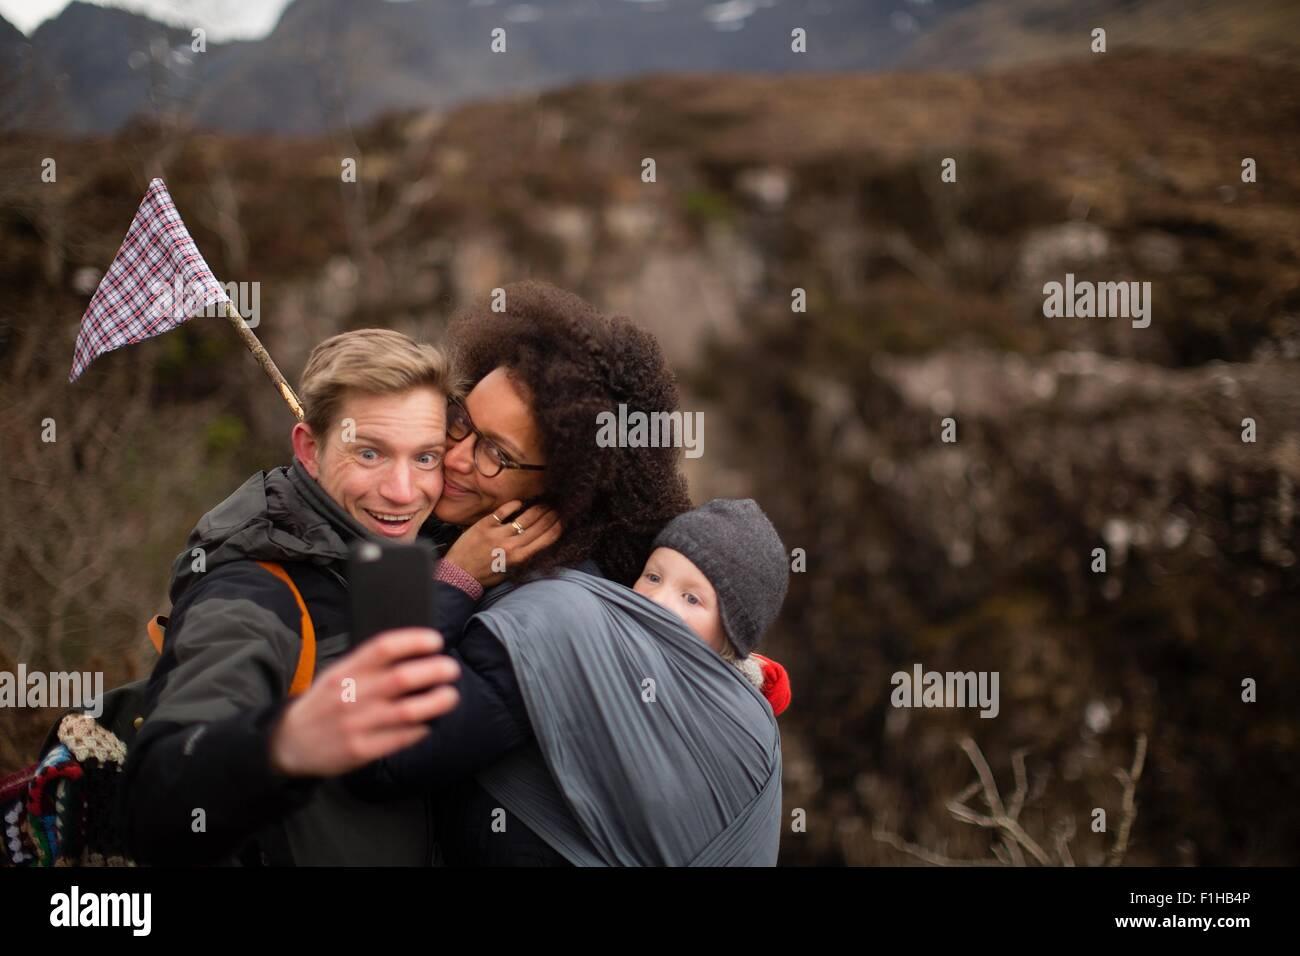 Familie fotografieren sich auf Wanderung Stockbild